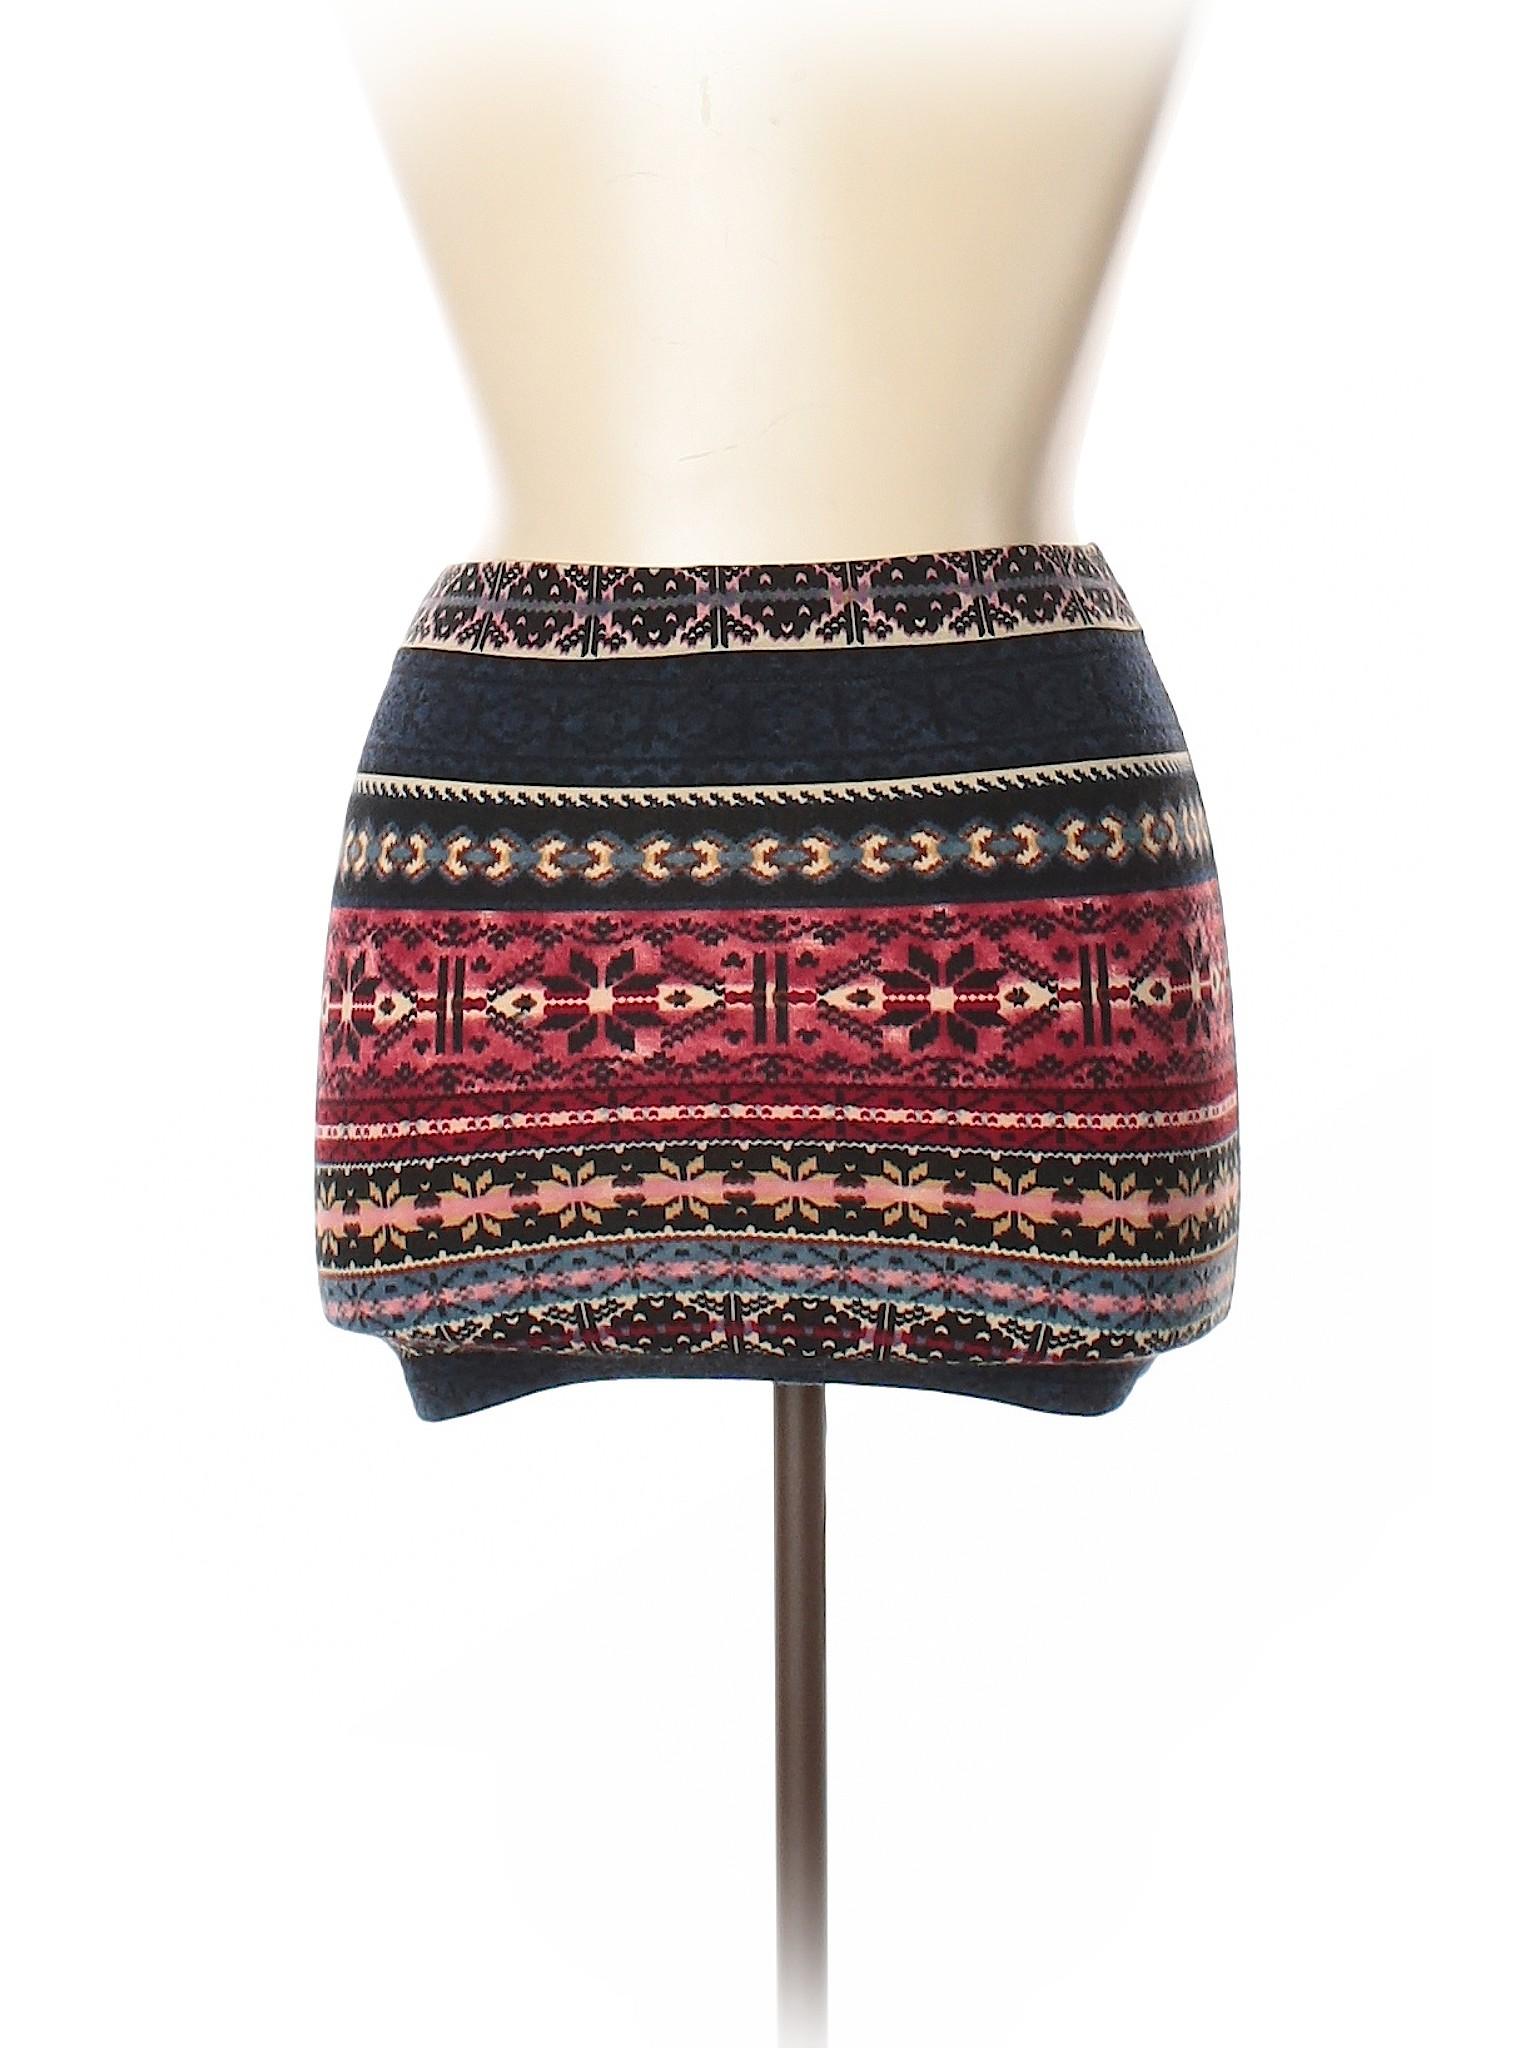 Casual Skirt Boutique Skirt Boutique Boutique Boutique Casual Casual Skirt Boutique Casual Skirt tEq6ww